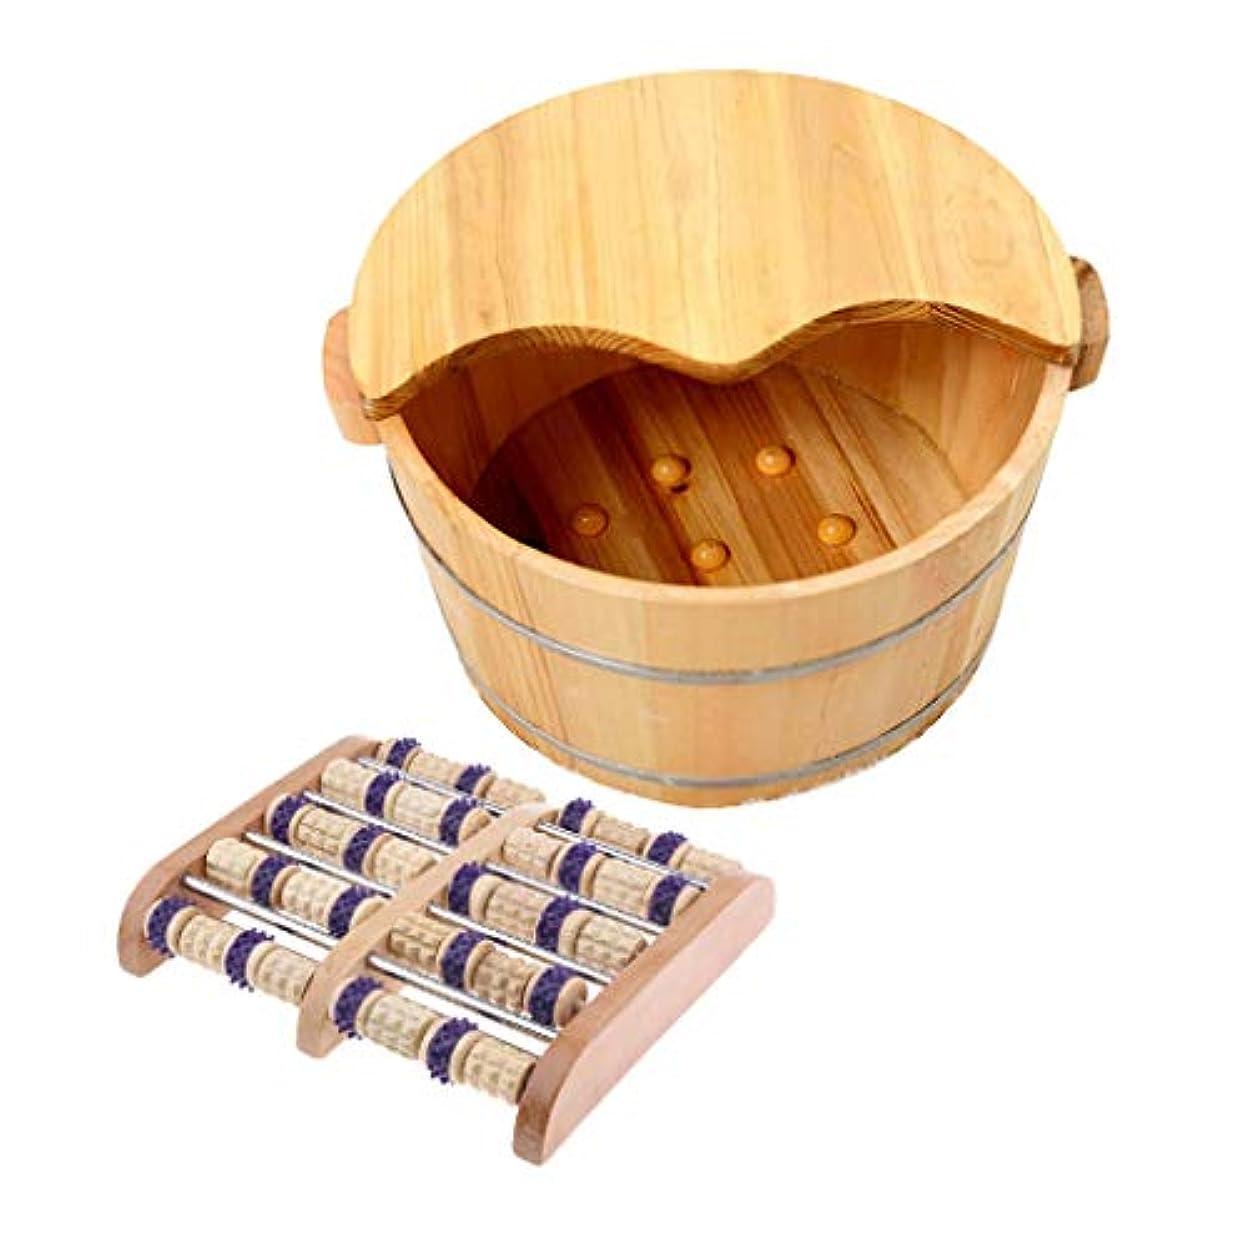 始める方向環境に優しいdailymall 二重足のマッサージャーのローラーの自然な木のフィートの鉱泉の浴室の洗面器の洗浄のふたの浴槽